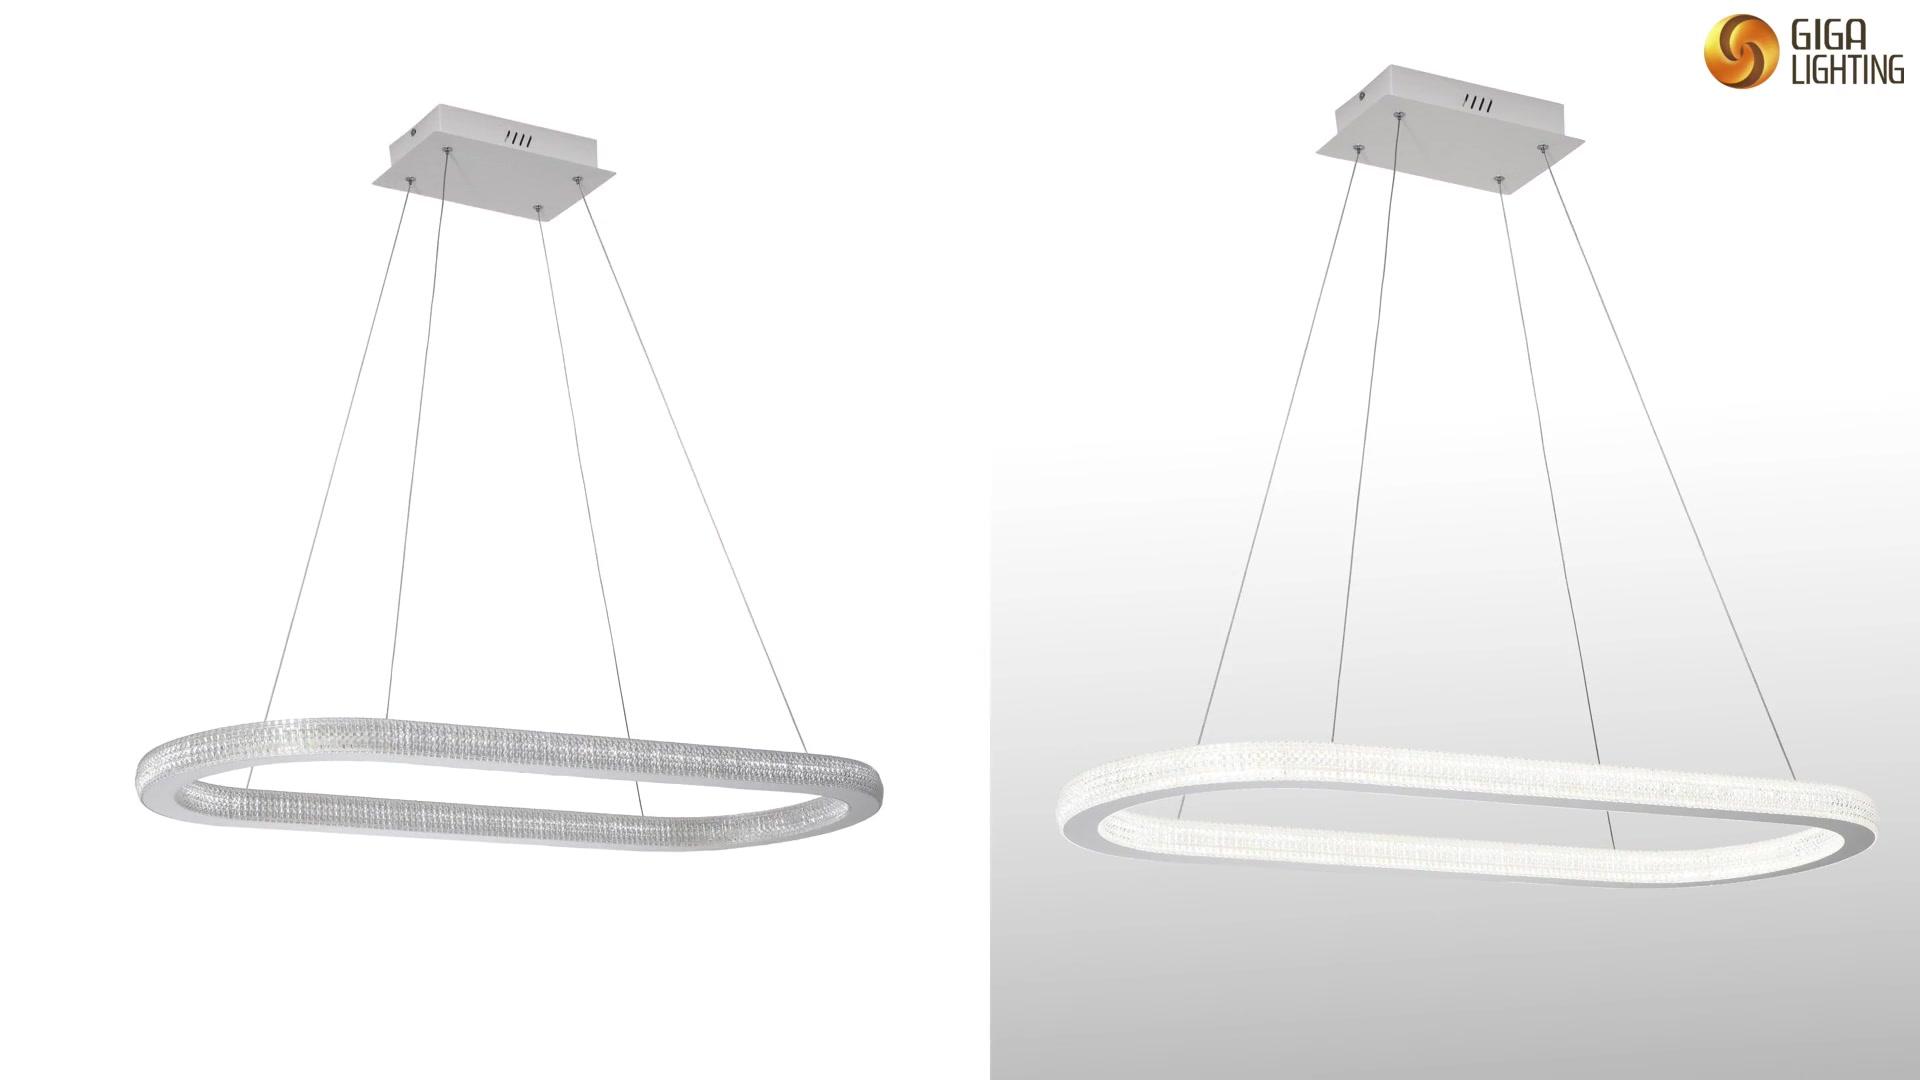 Giga lighting interior lighting D0685 LED pendant